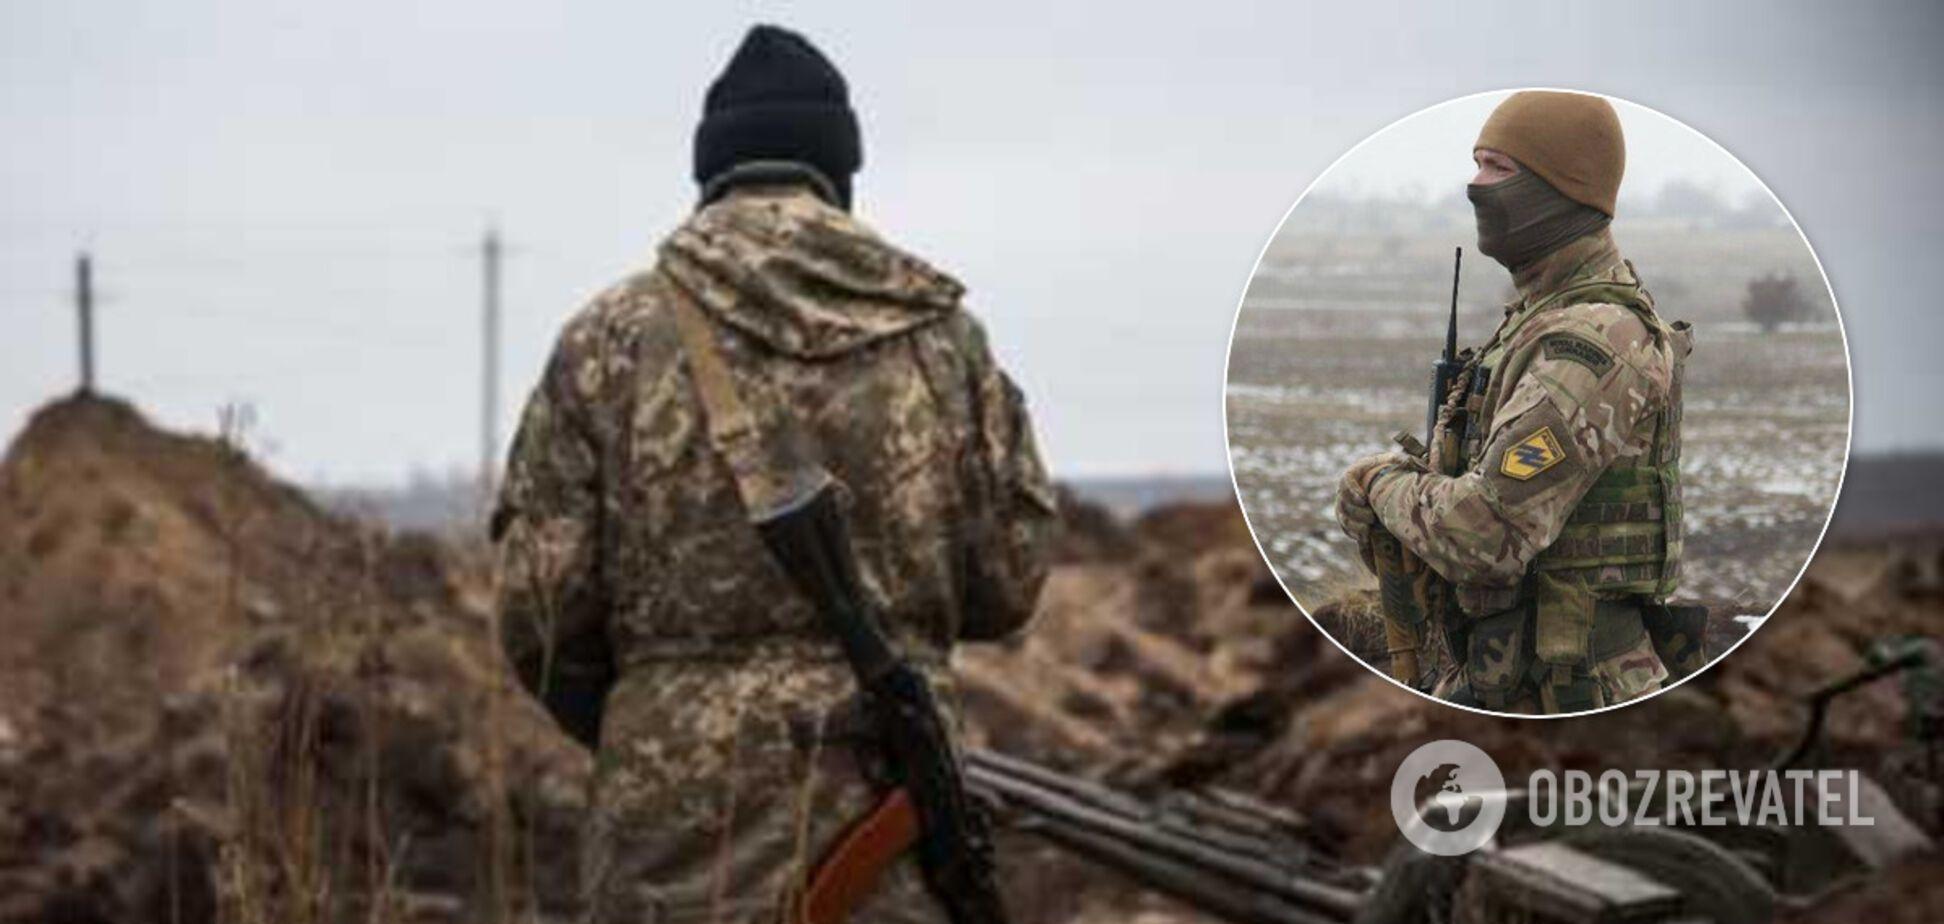 Російські окупанти заявили про атаку ЗСУ на Донбасі і зганьбилися фейком